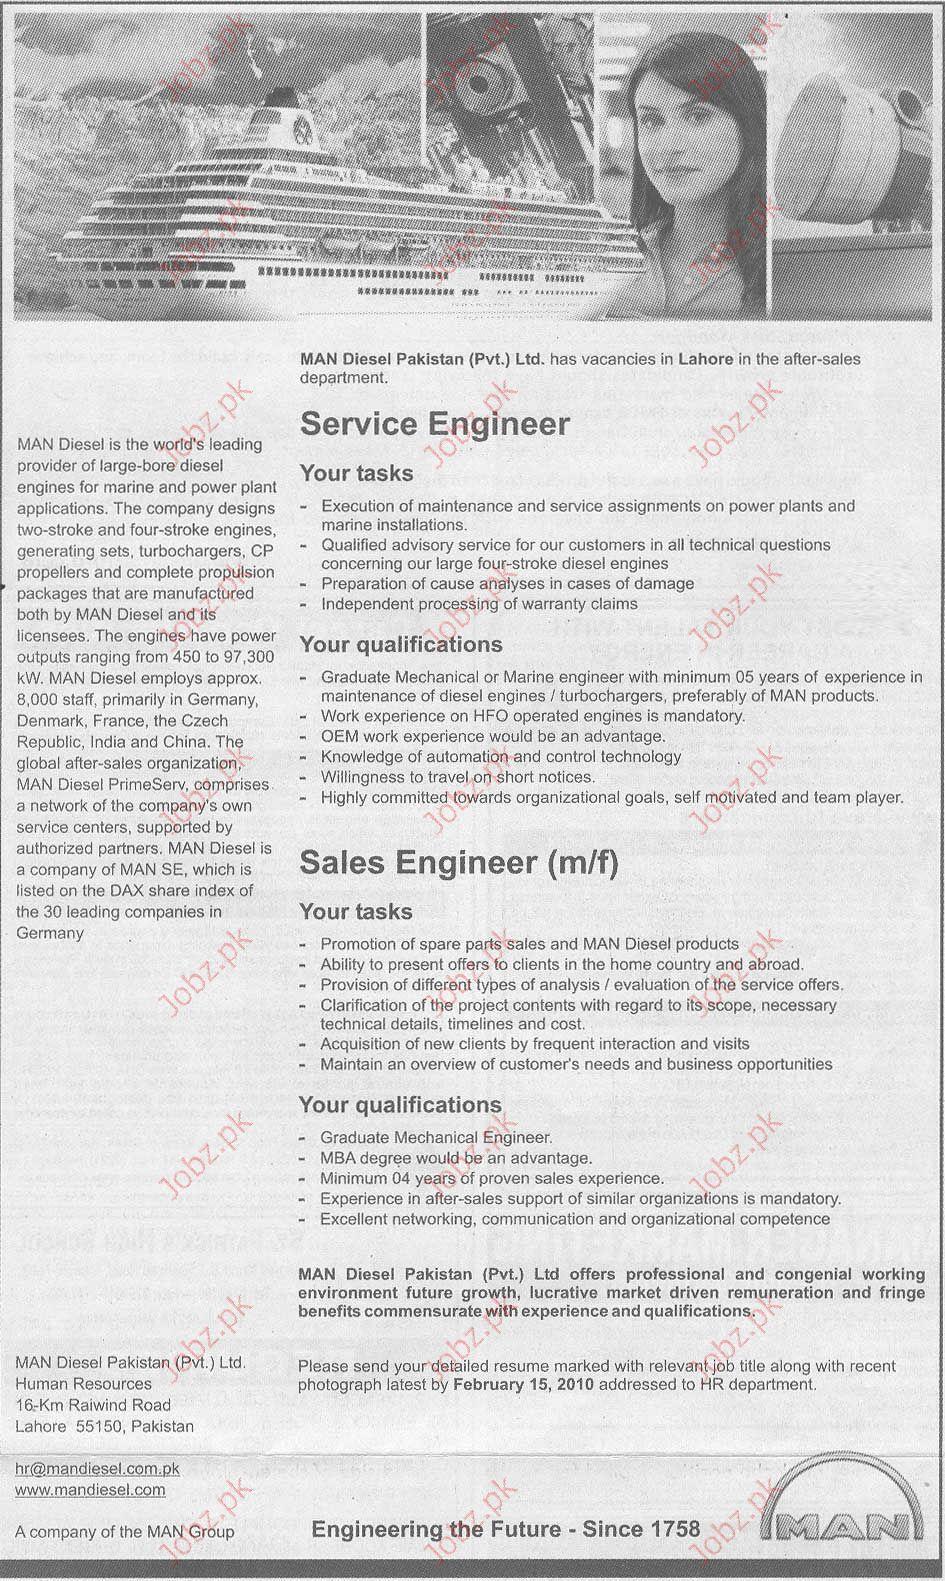 MAN Diesel Pakistan (Pvt) Ltd staff required